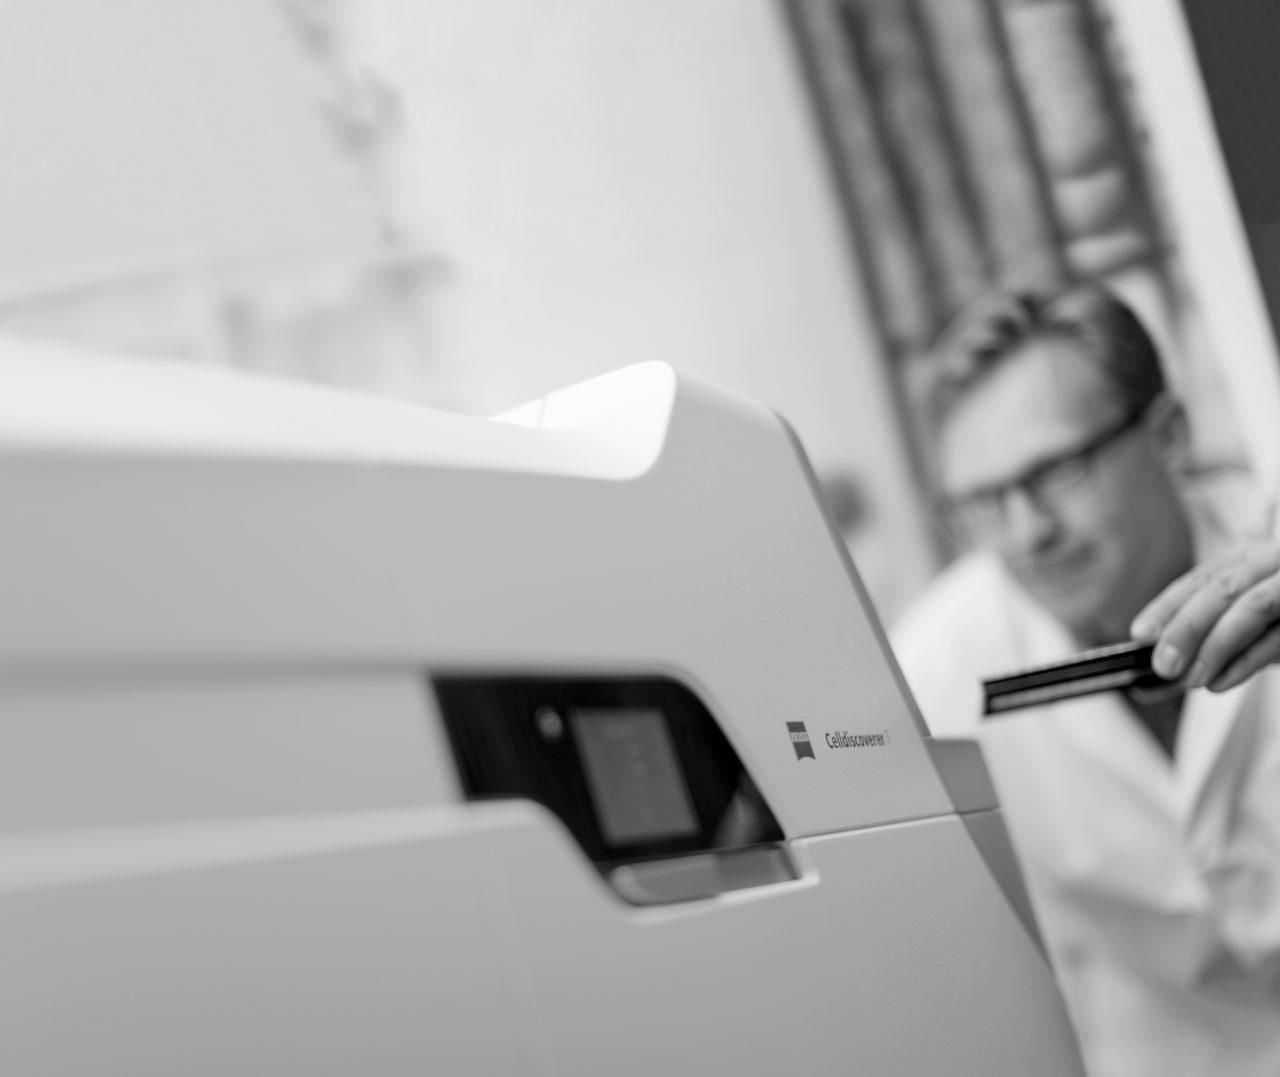 Neuer ZEISS Celldiscoverer 7 für Lebendzellmikroskopie